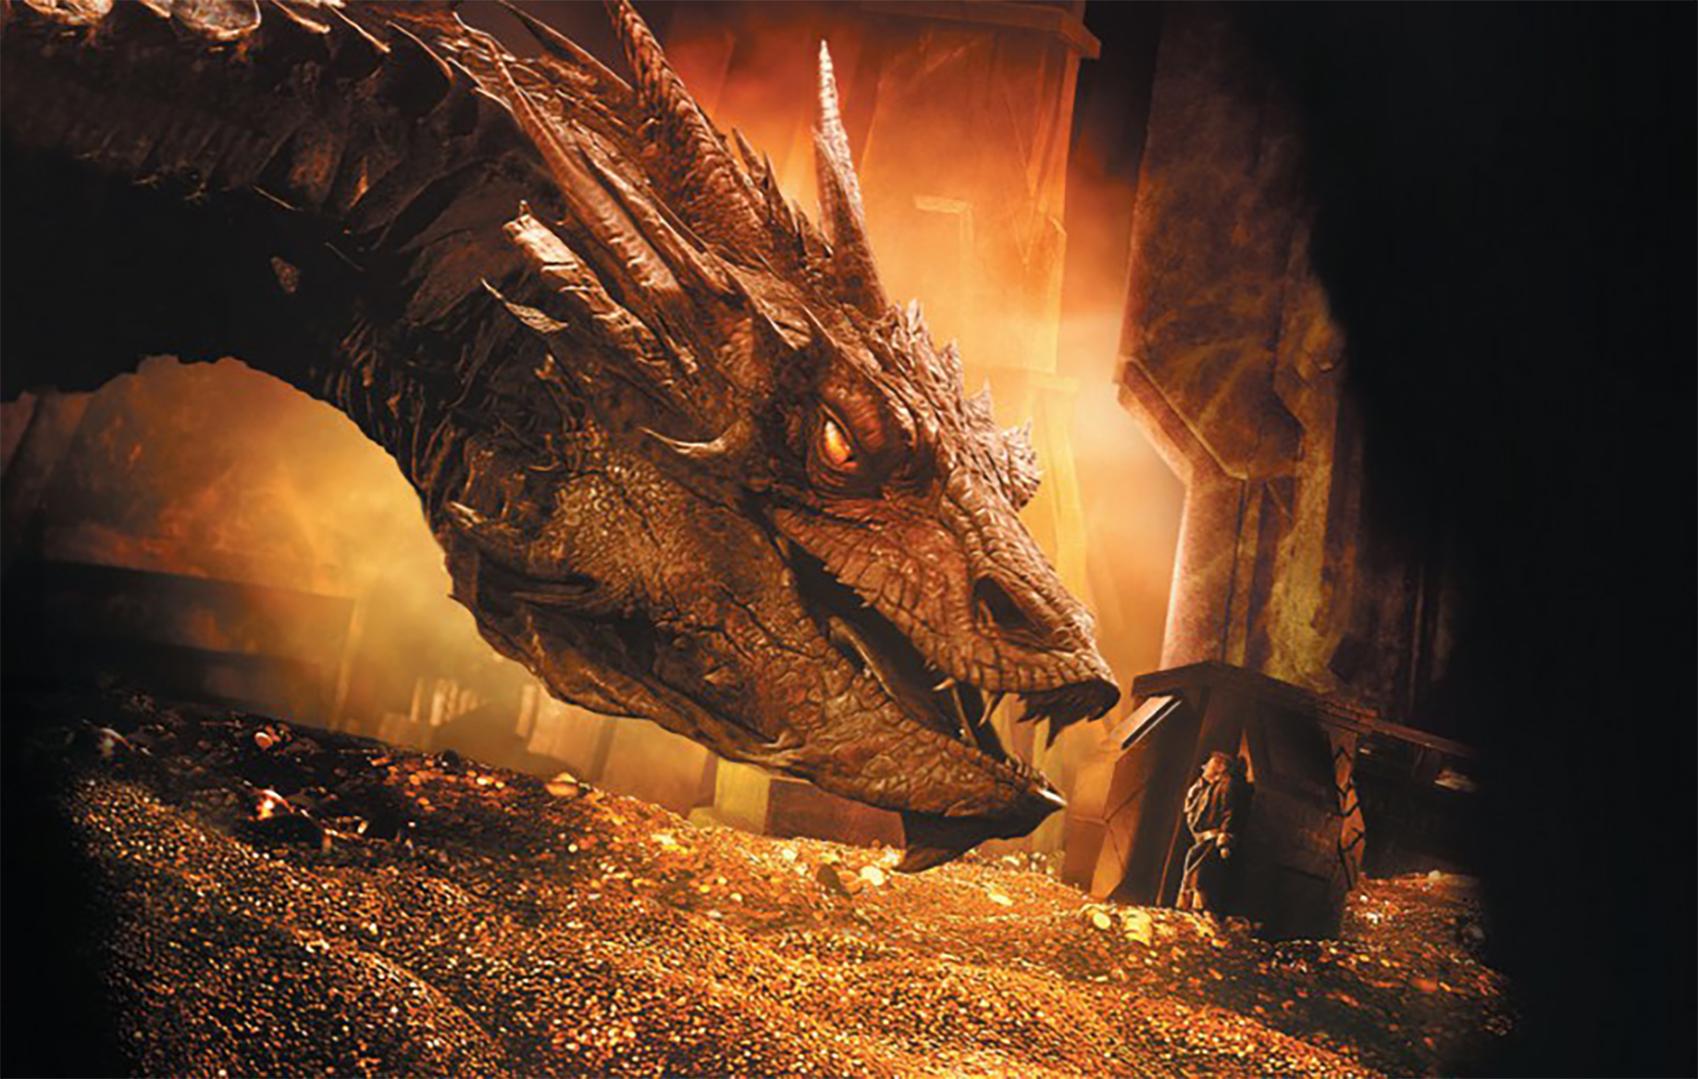 Wallpaper Hd Lord Of The Rings Le Hobbit 2 La D 233 Solation De Smaug Version Longue Tout